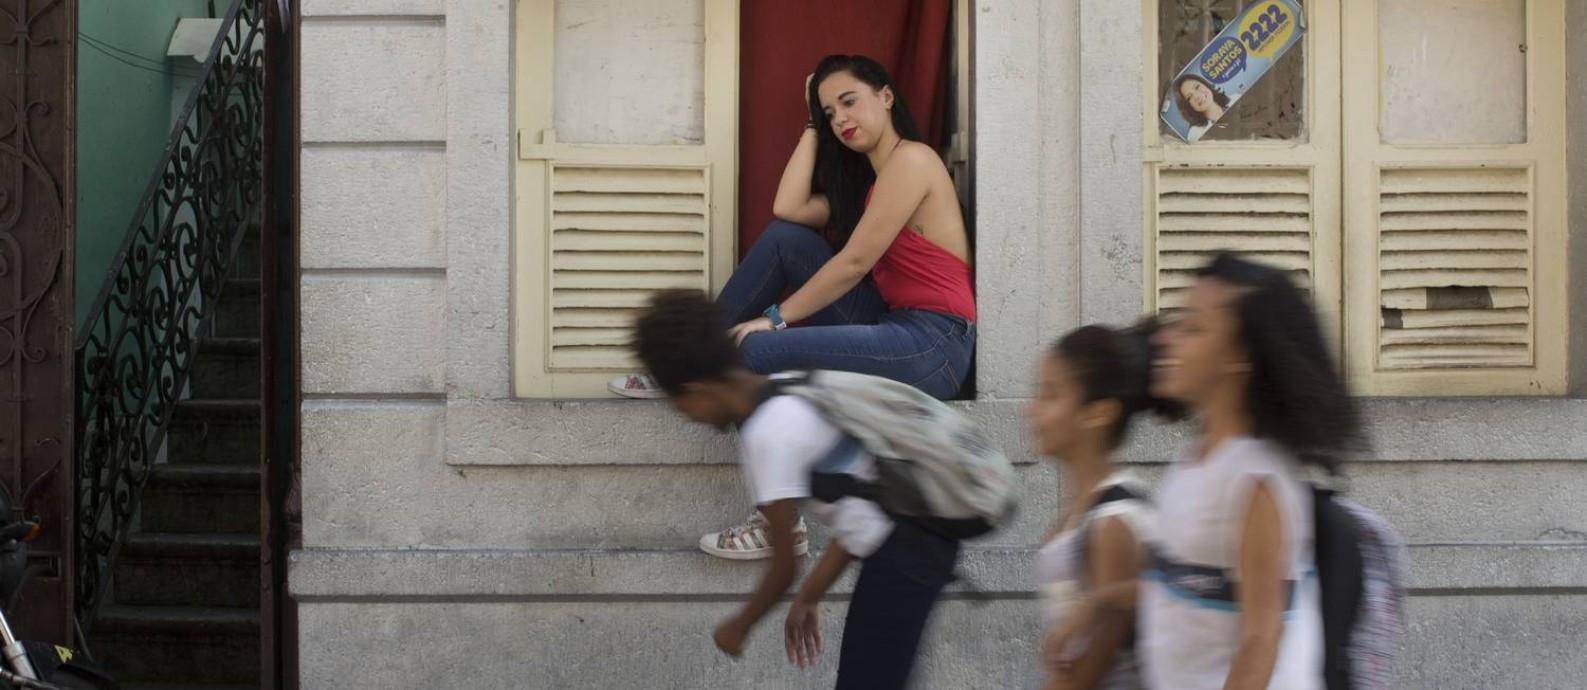 Maria Paula Gomes deixou a sala de aula aos 18 anos, em 2017, e não voltou mais Foto: Márcia Folleto